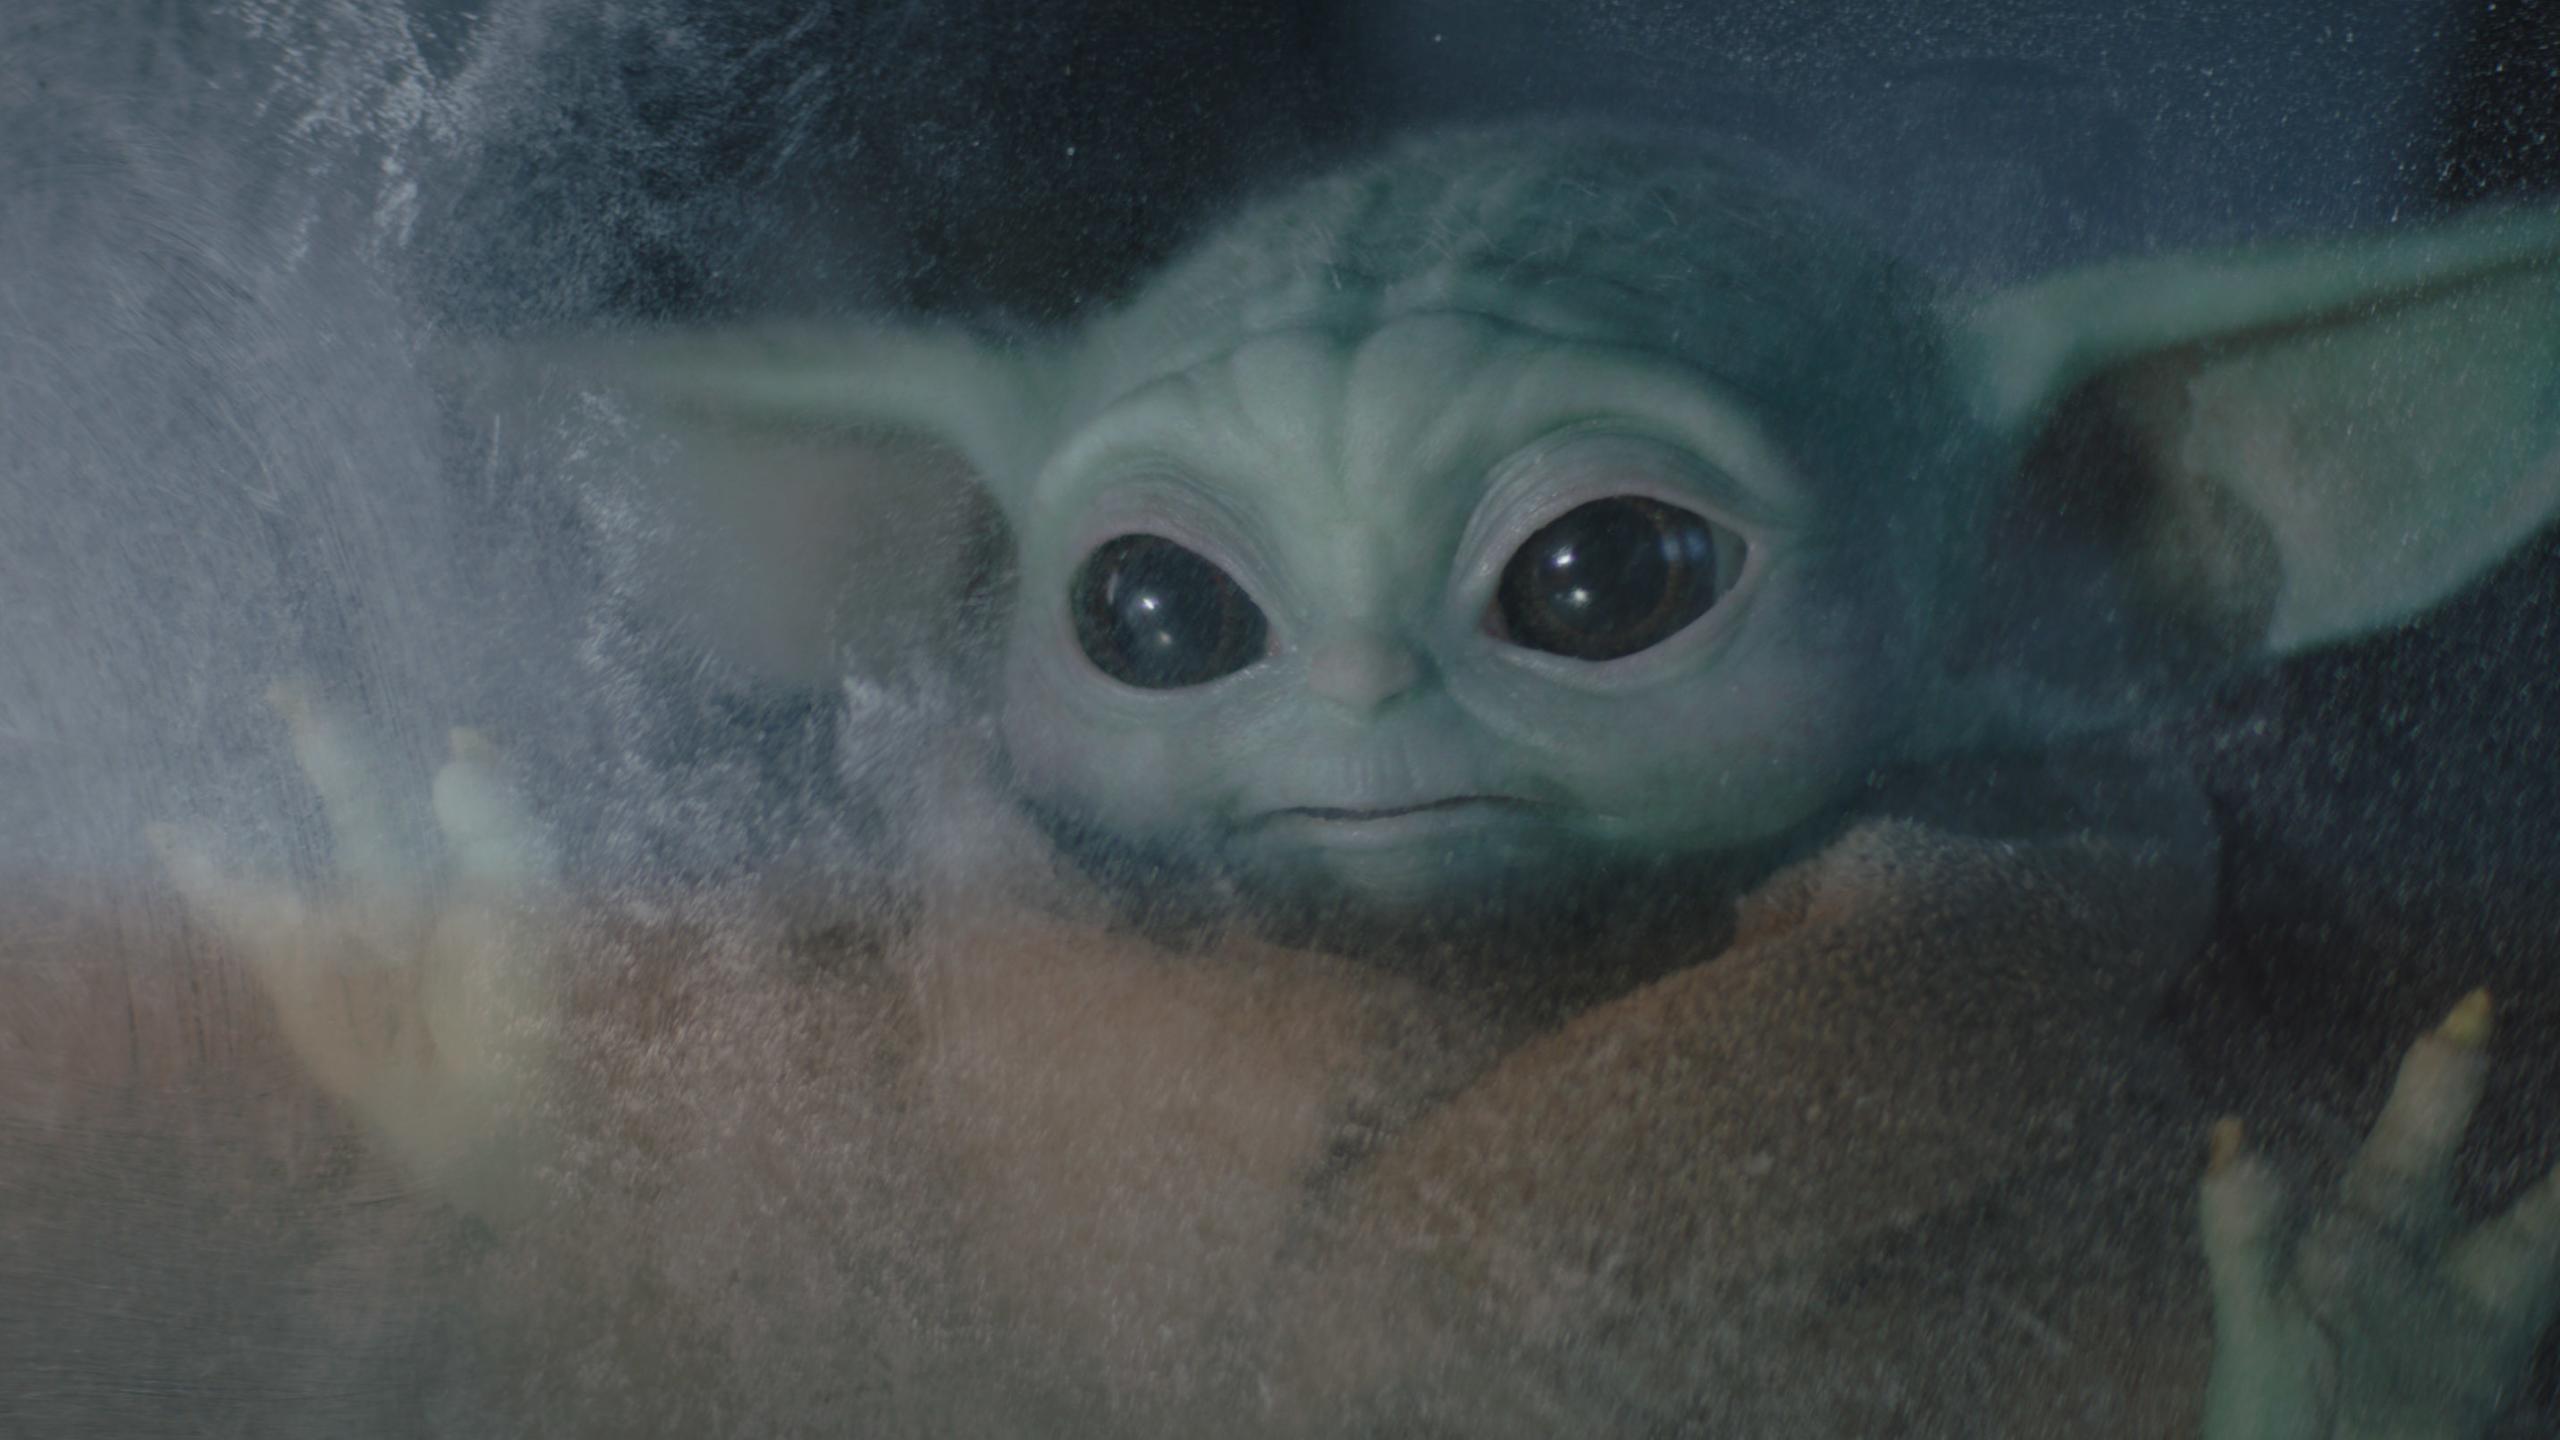 The Mandalorian Season 2 Episode 2 Baby Yoda